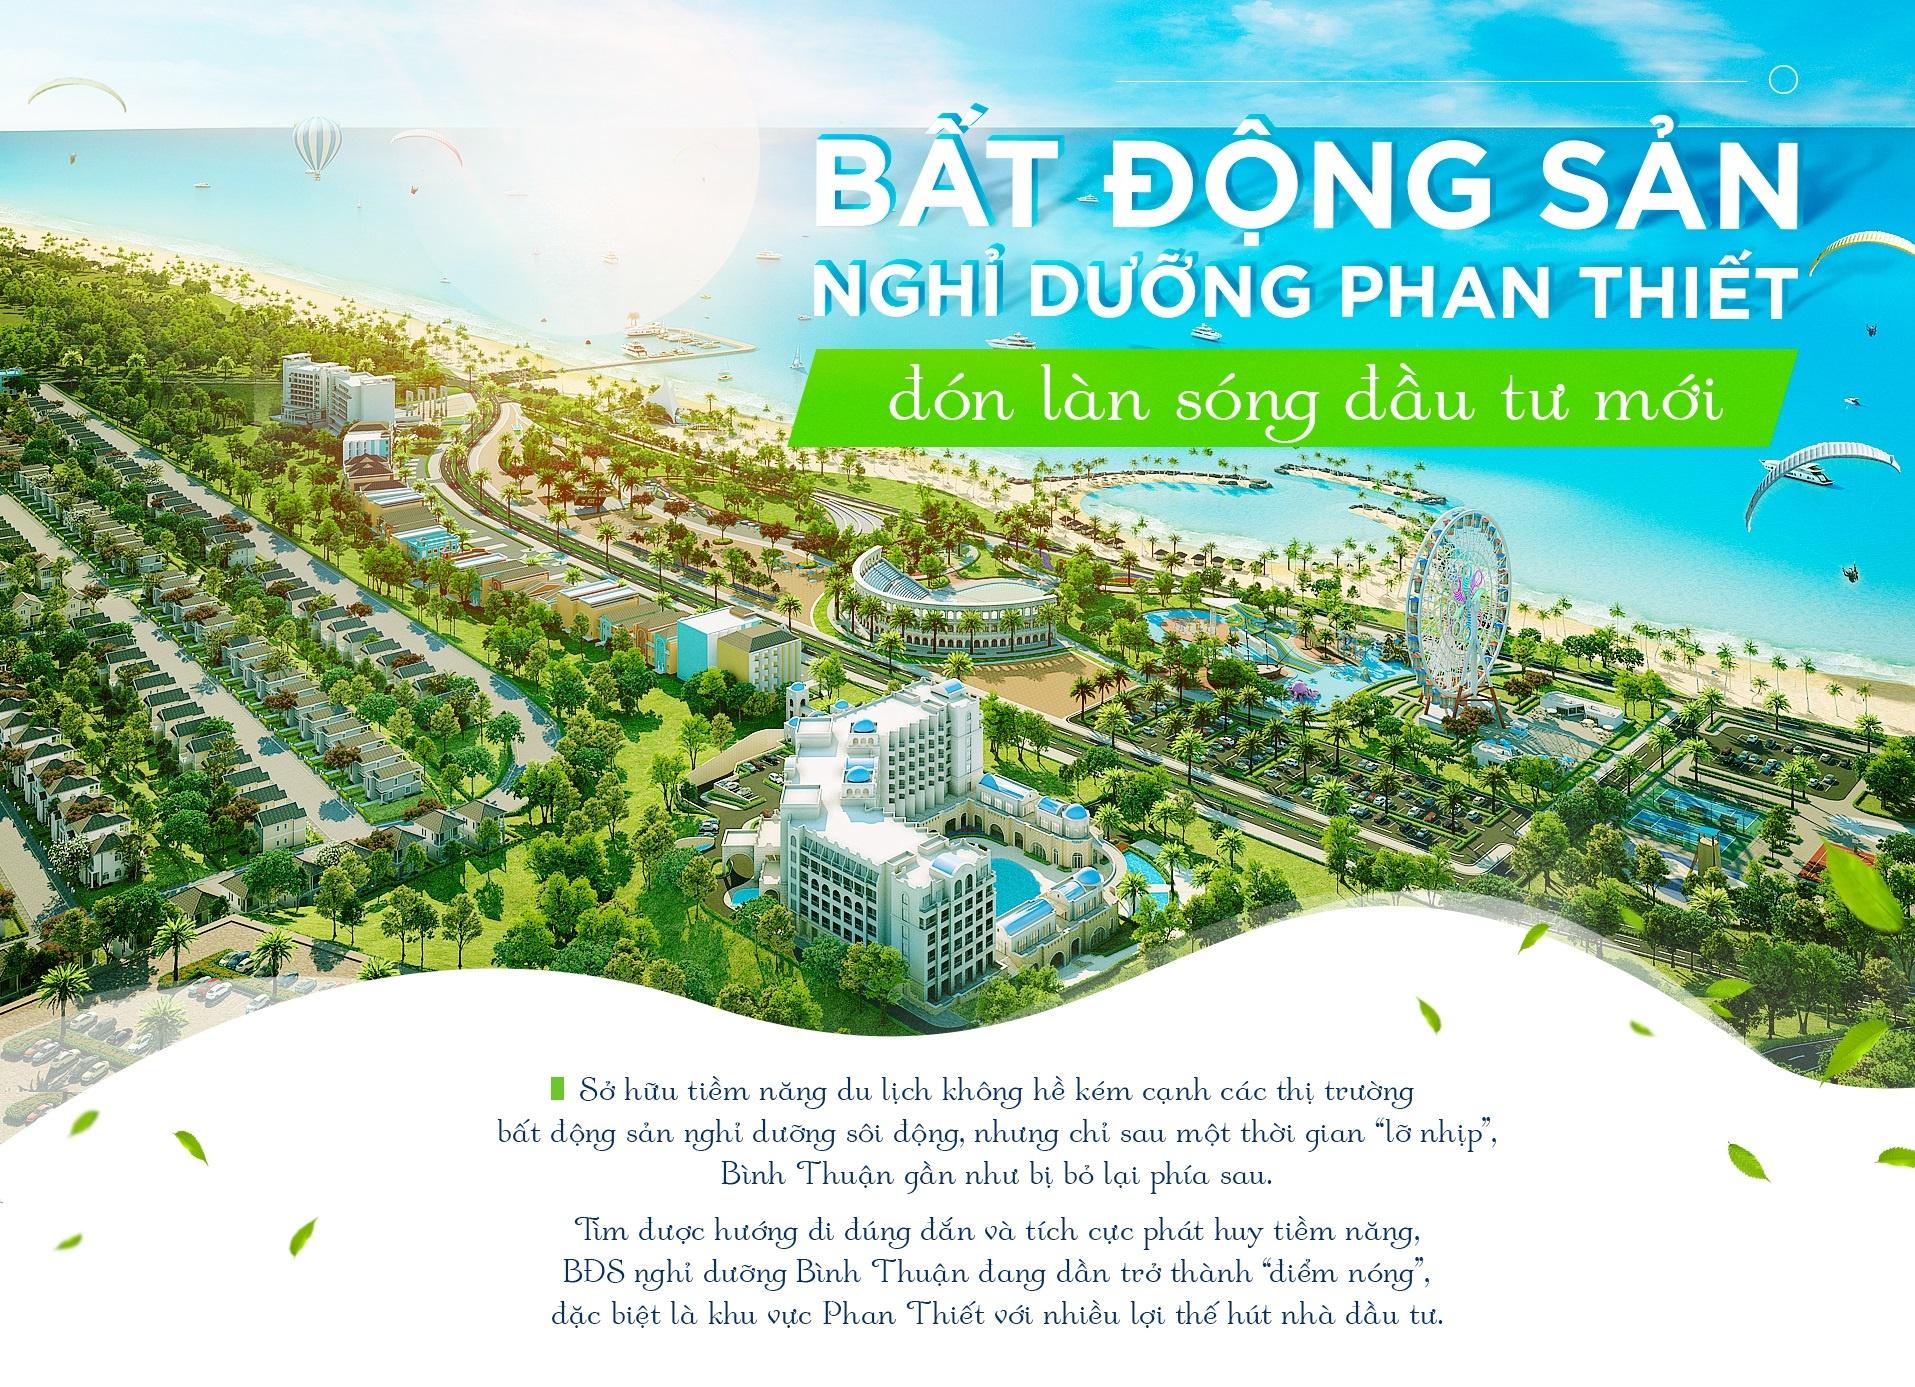 Bat dong san nghi duong Phan Thiet don lan song dau tu moi hinh anh 2 bất động sản nghỉ dưỡng phan thiết đón làn sóng đầu tư mới Bất động sản nghỉ dưỡng Phan Thiết đón làn sóng đầu tư mới cover 2